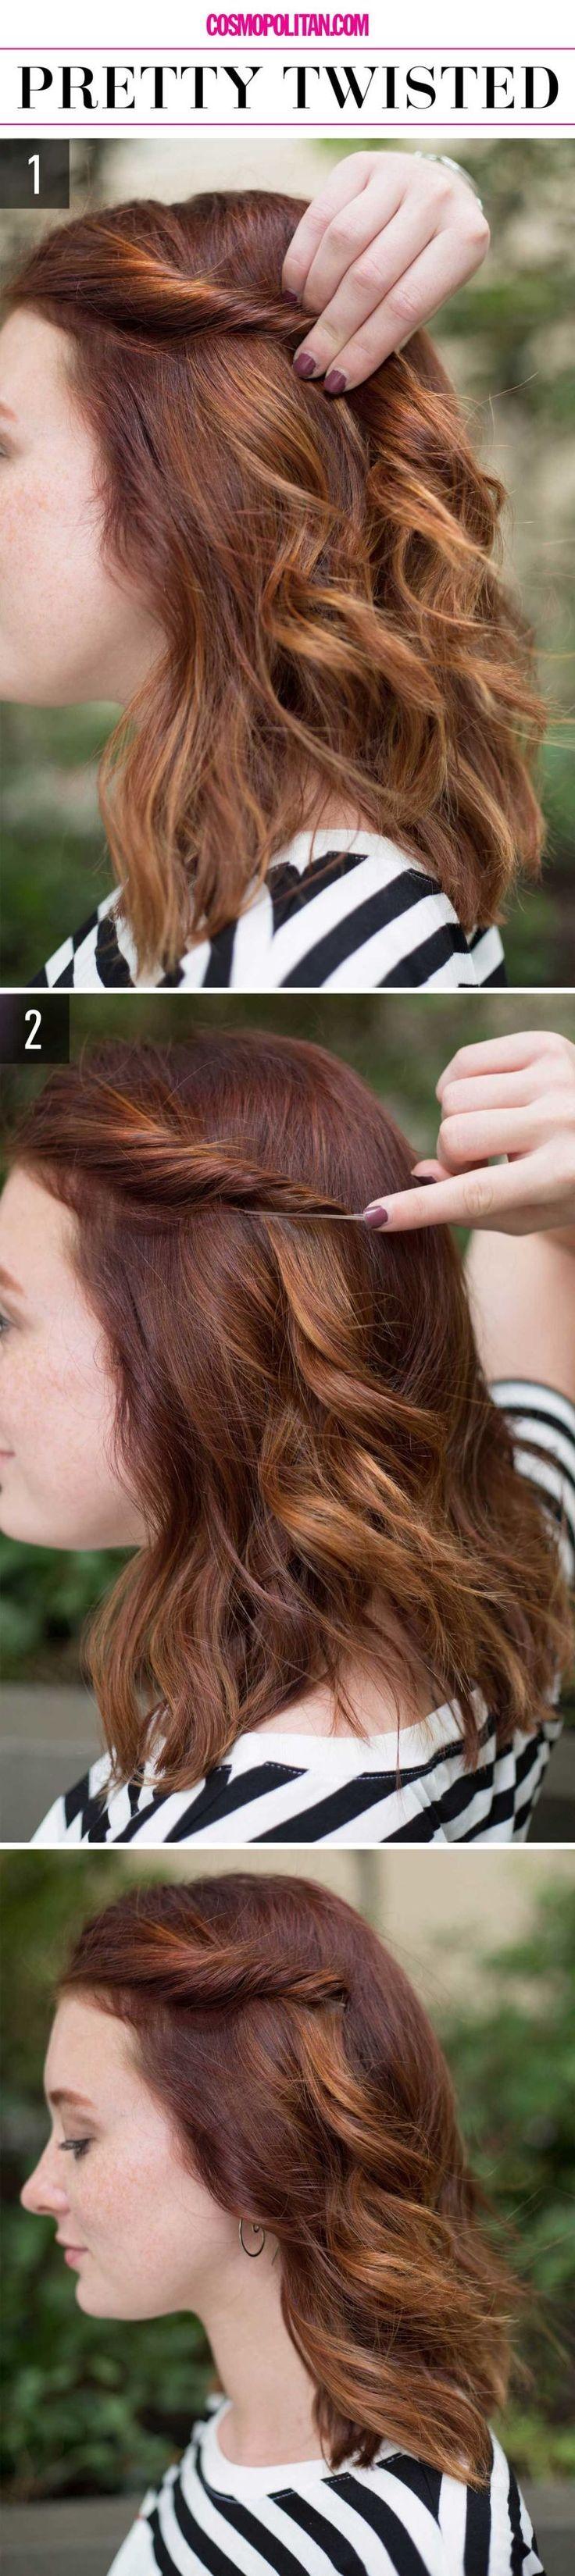 364 best Tout sur les cheveux images on Pinterest